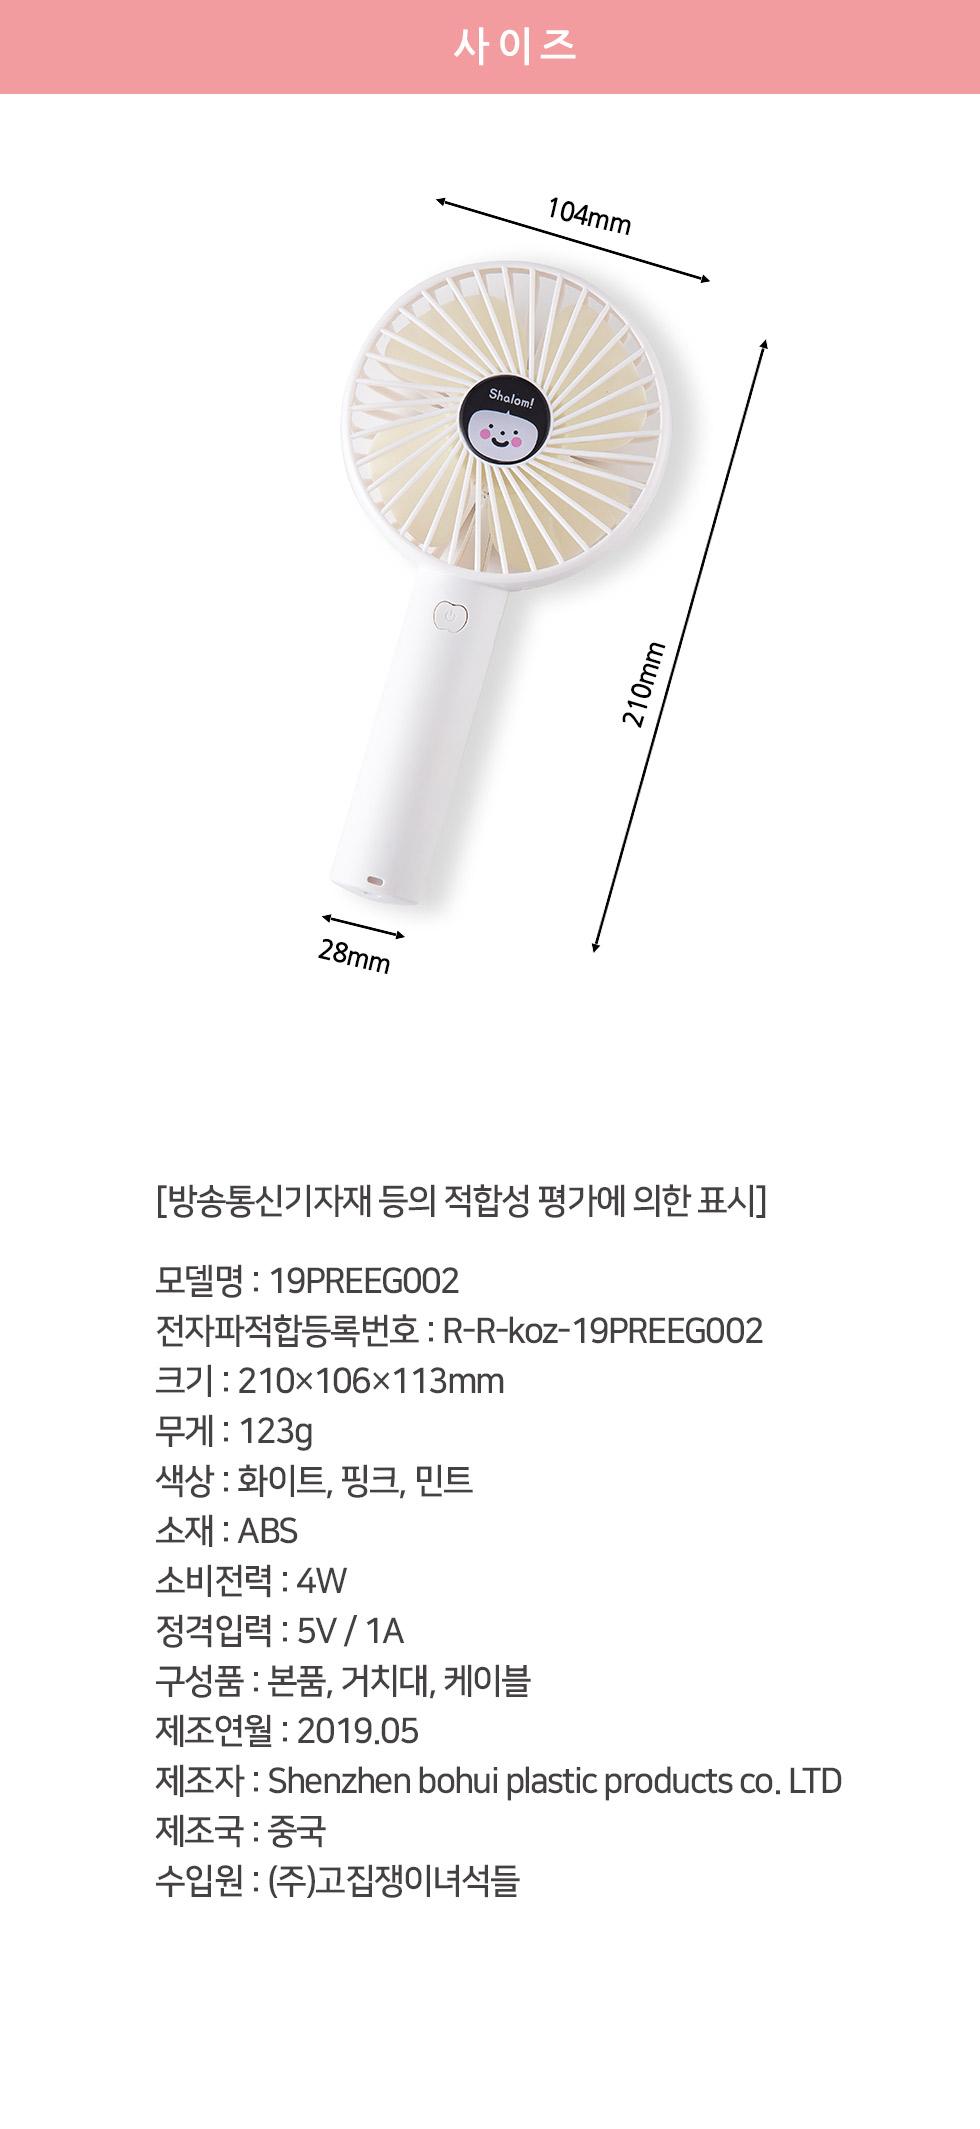 휴대용선풍기 '샬롬' 3종 사이즈 폭:10.4센티미터, 길이:21센티미터, 손잡이 지름 2.8 센티미터